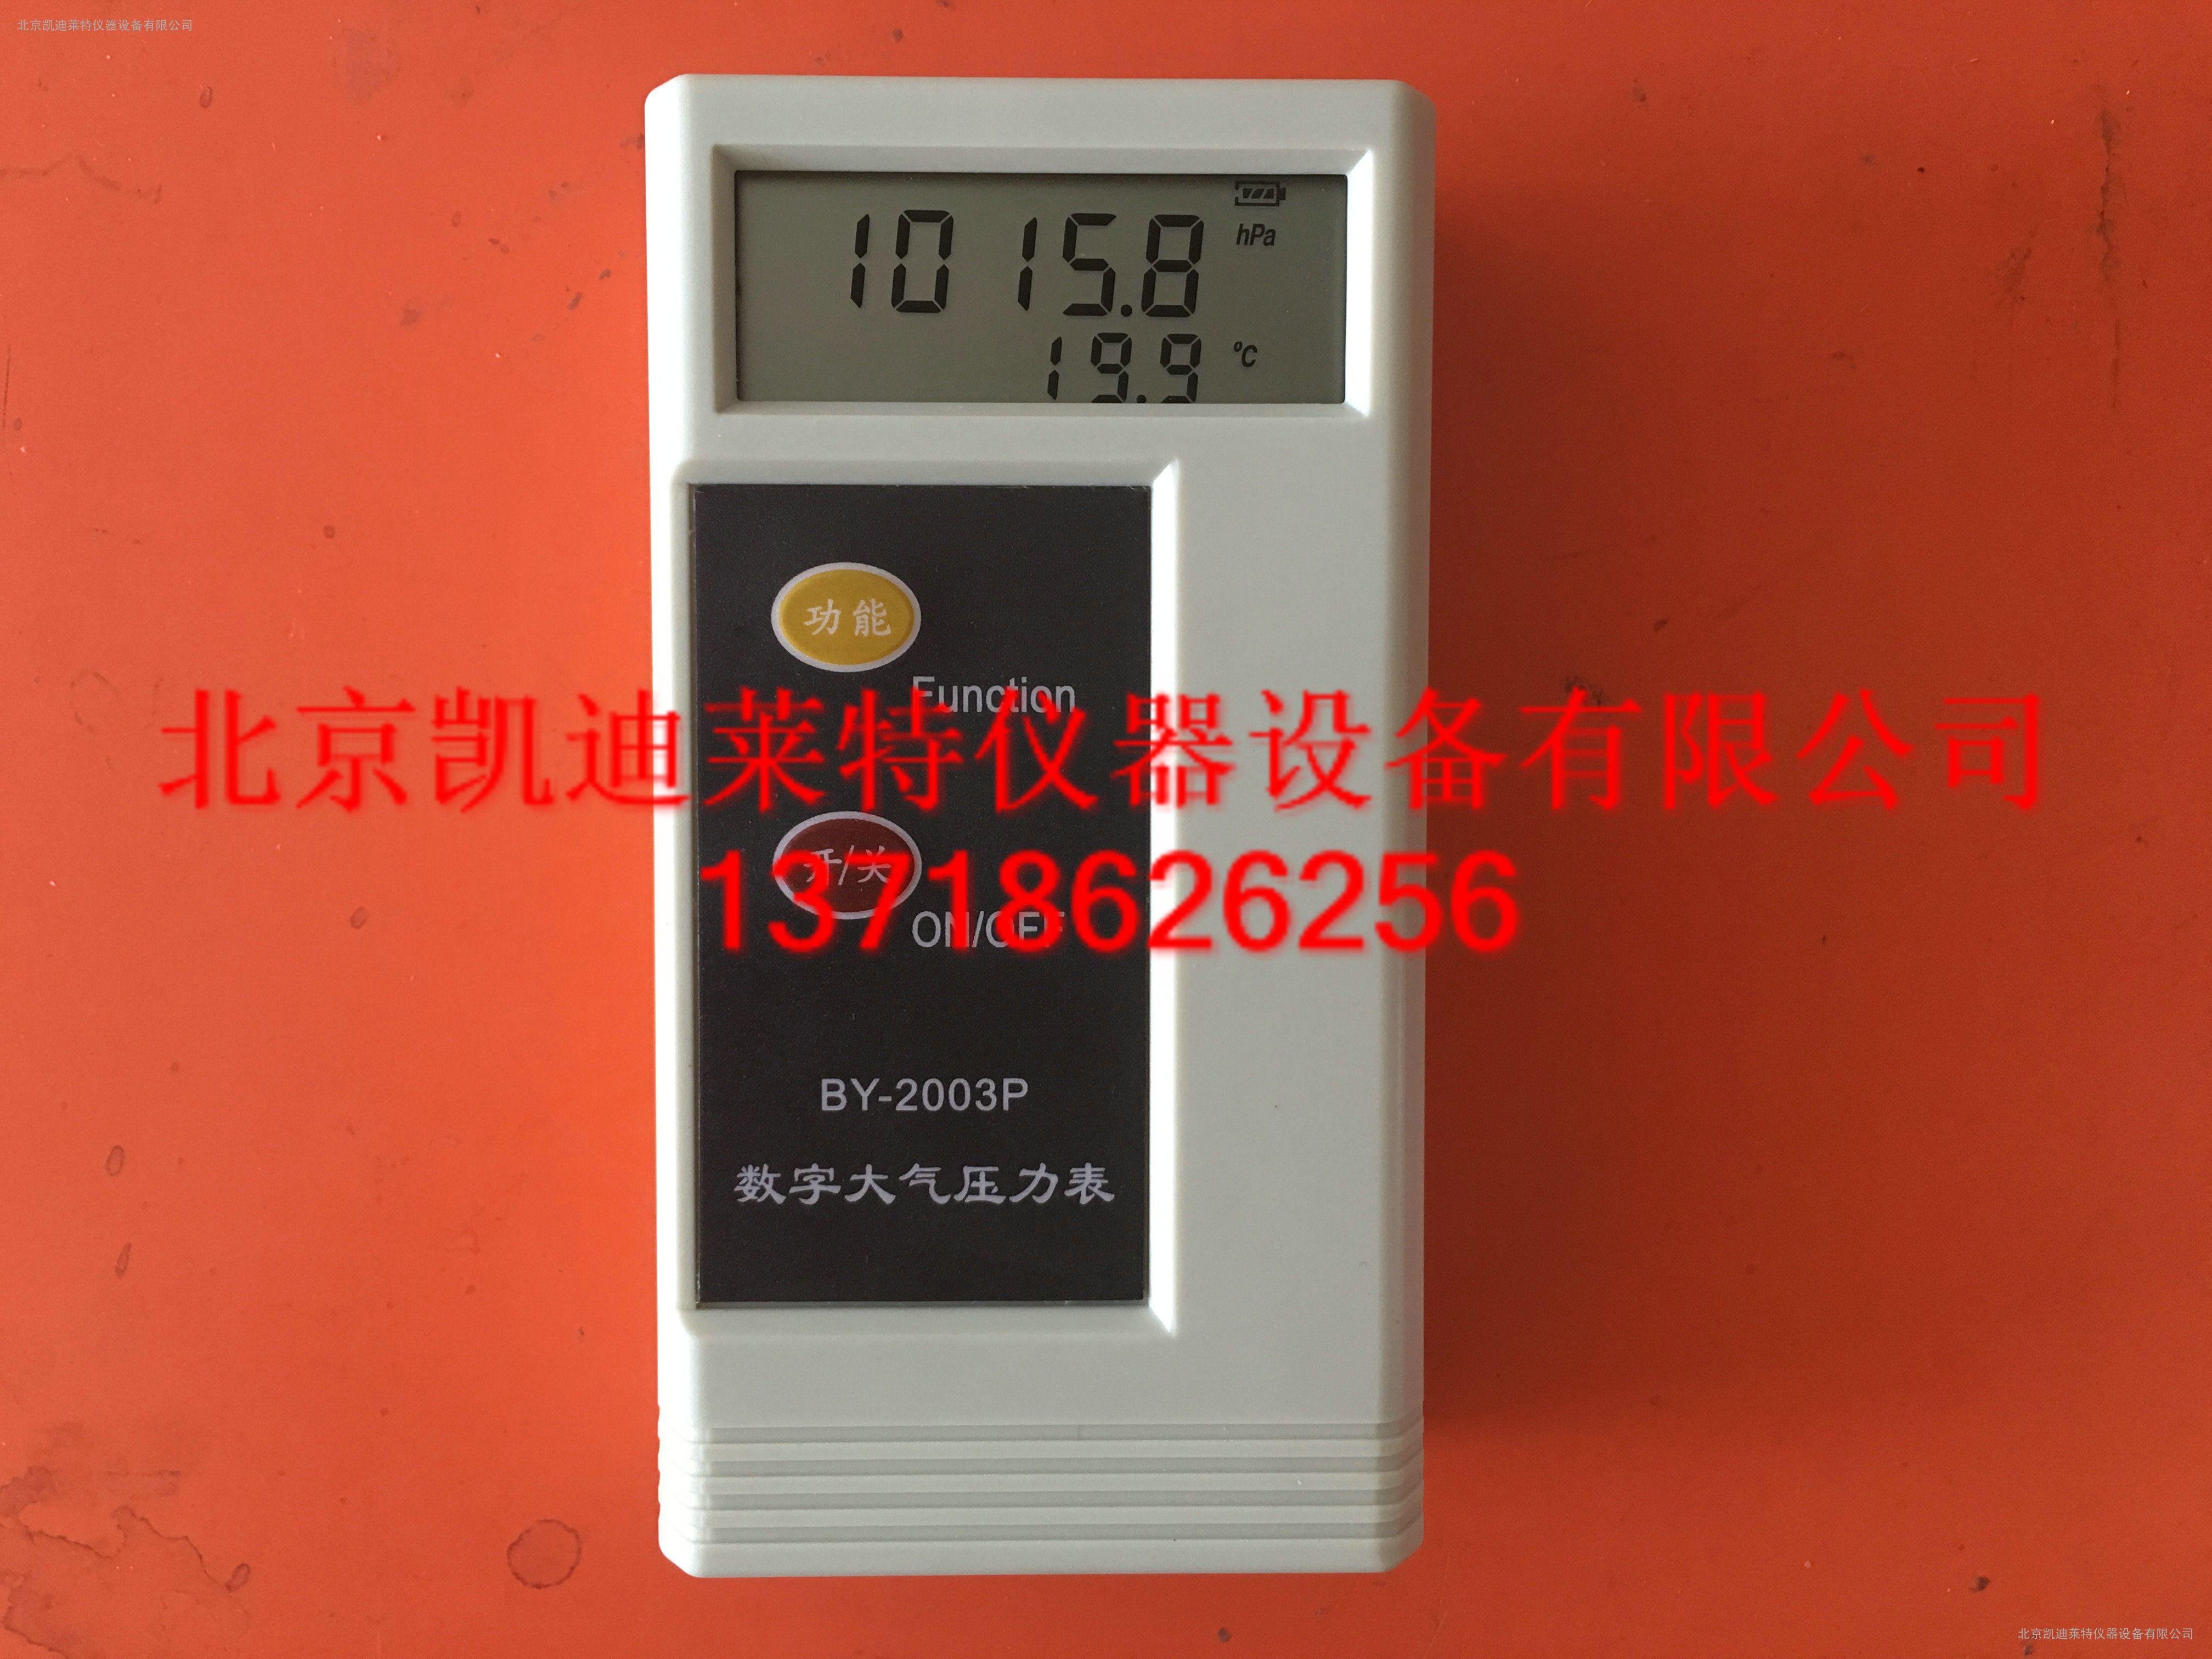 凯迪莱特数字大气压表BY-2003P